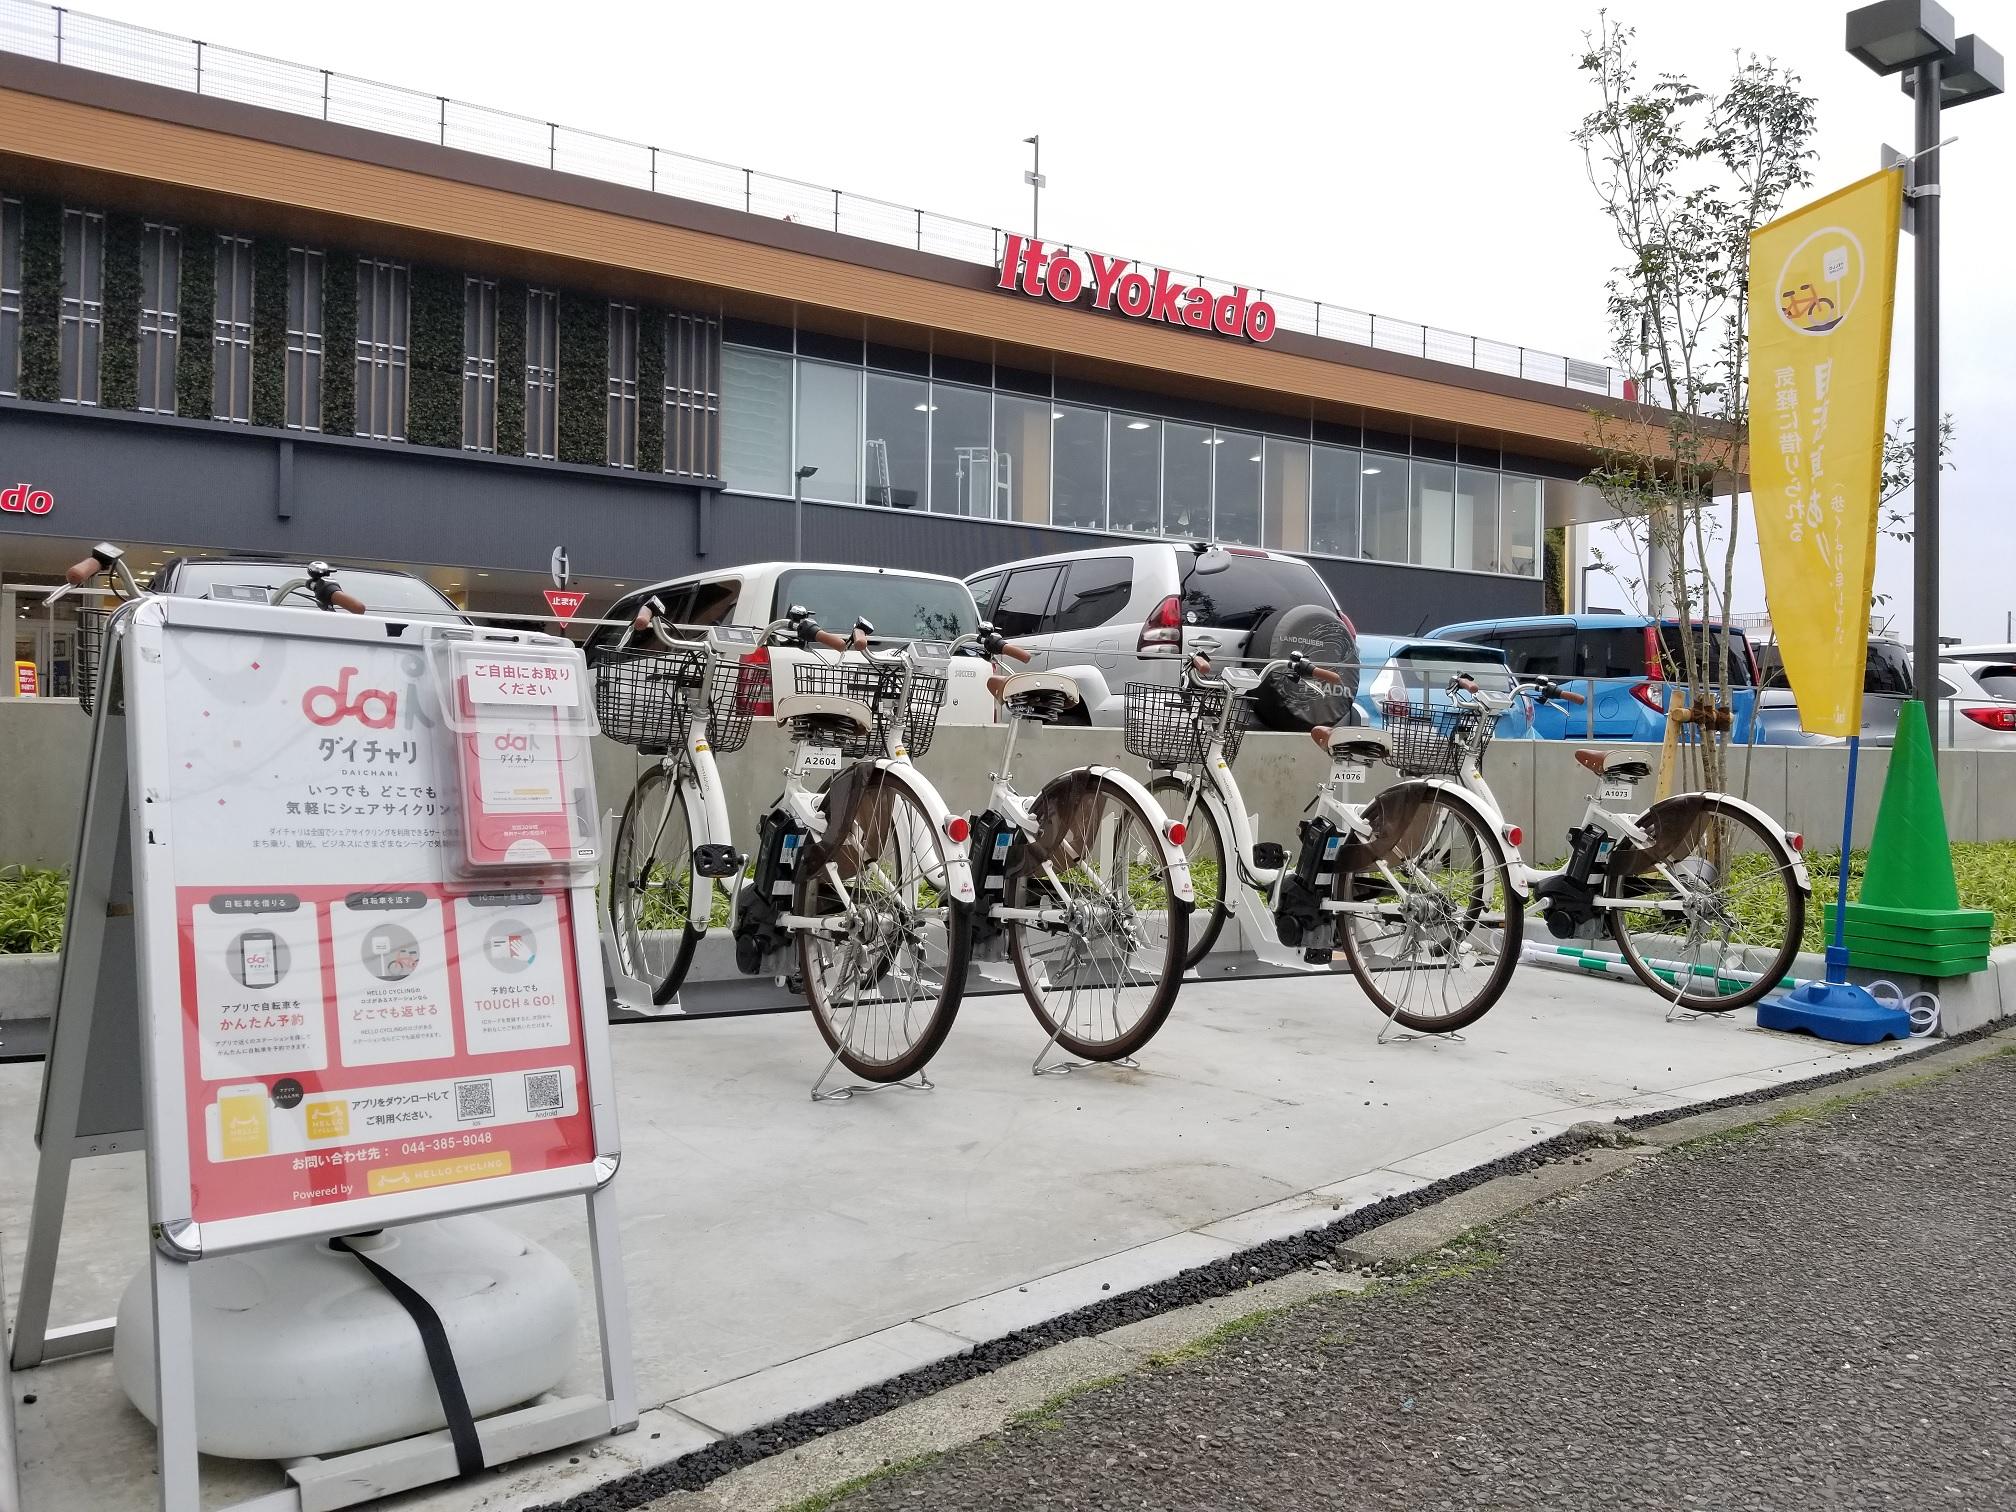 ヨークフーズ 上大岡店 (HELLO CYCLING ポート) image